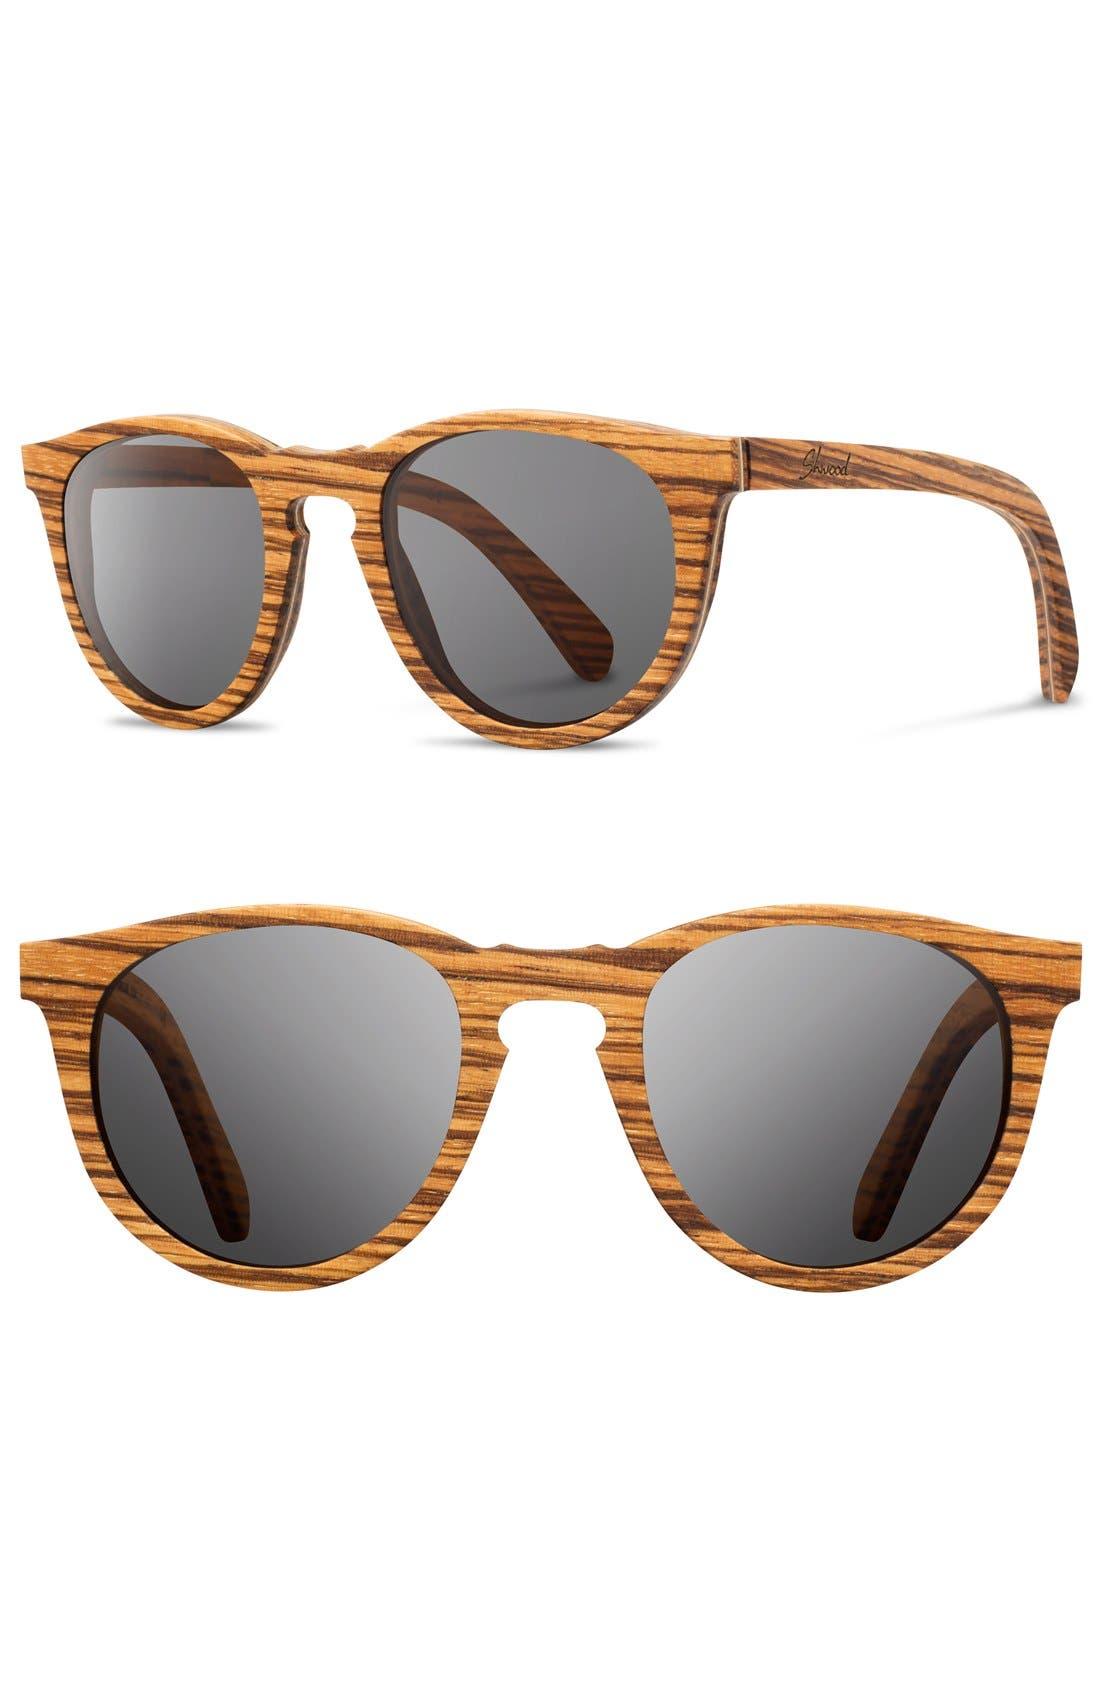 Alternate Image 1 Selected - Shwood 'Belmont' 48mm Polarized Wood Sunglasses